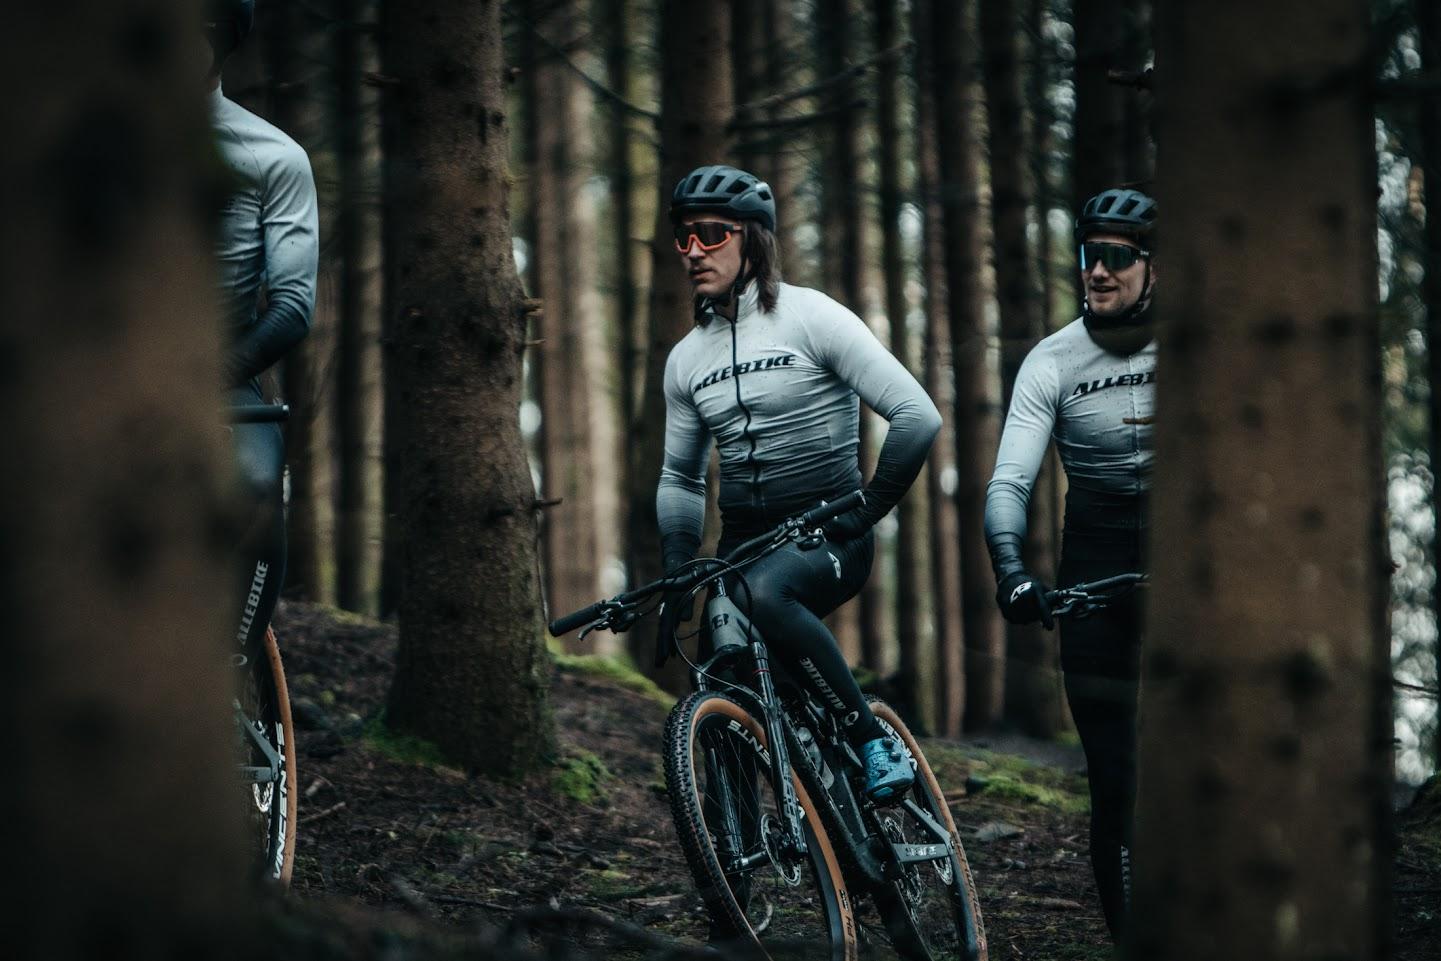 Landsvägscyklar och racers från Allebike för tävlin och träning.